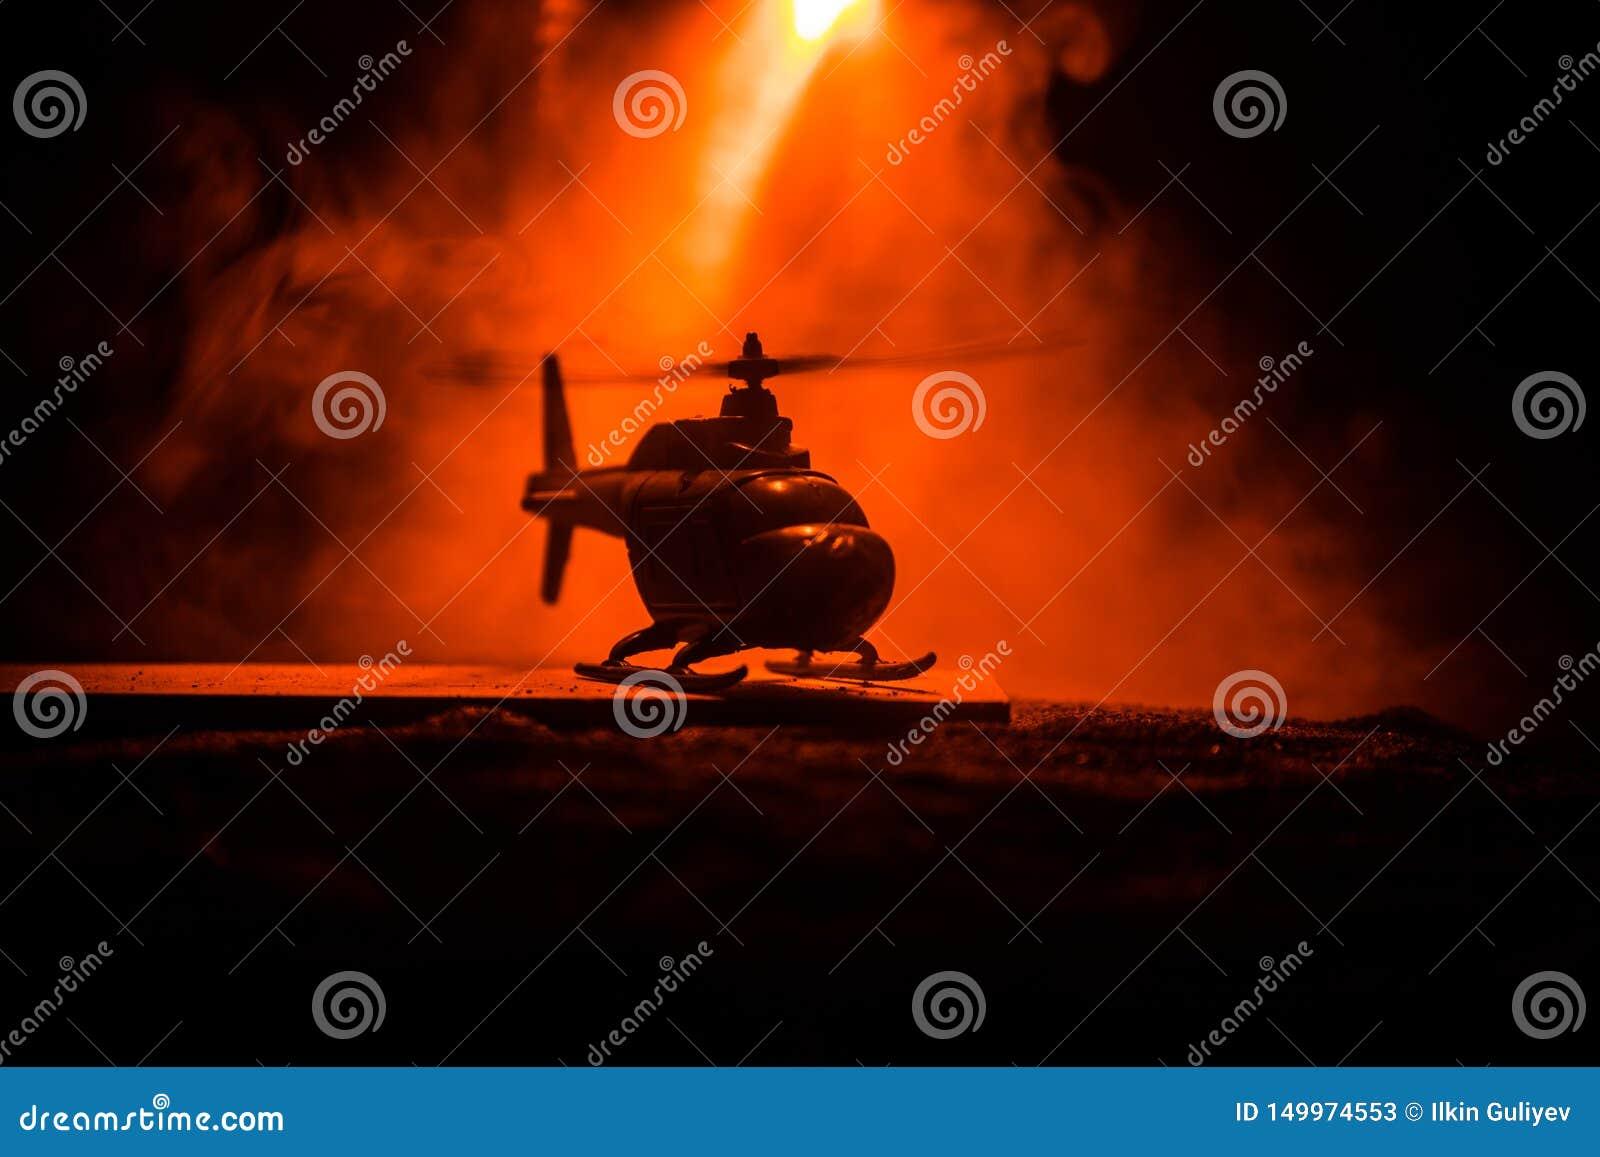 Silueta del helic?ptero militar lista para volar de zona del conflicto Cantidad adornada de la noche con el helic?ptero que comie